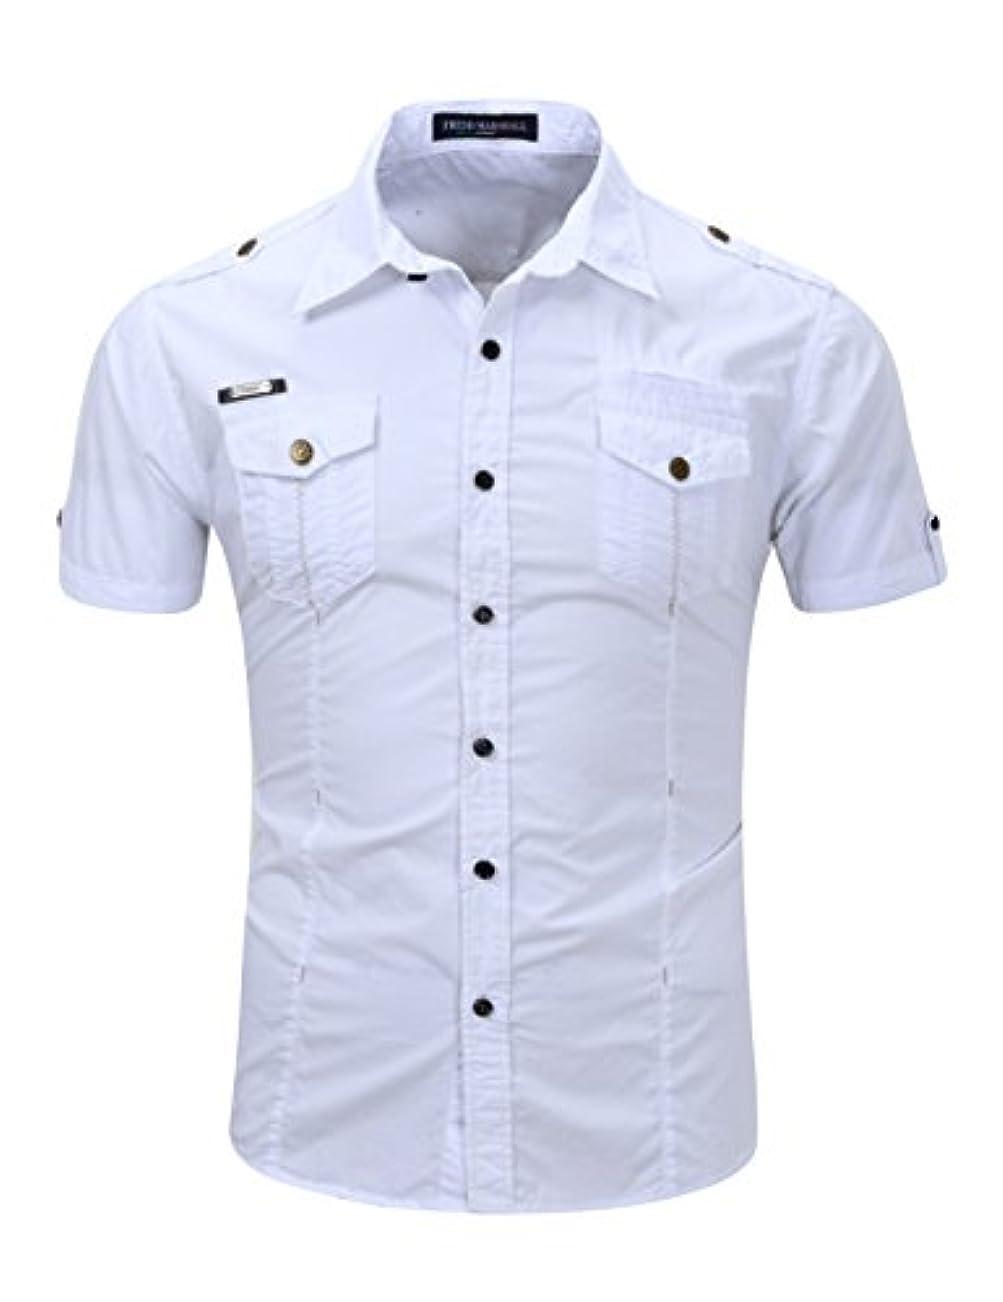 光沢略語に応じてLegou(ラッコウ) メンズ 襟付き アウター ミリタリー 半袖 ボタン シャツ